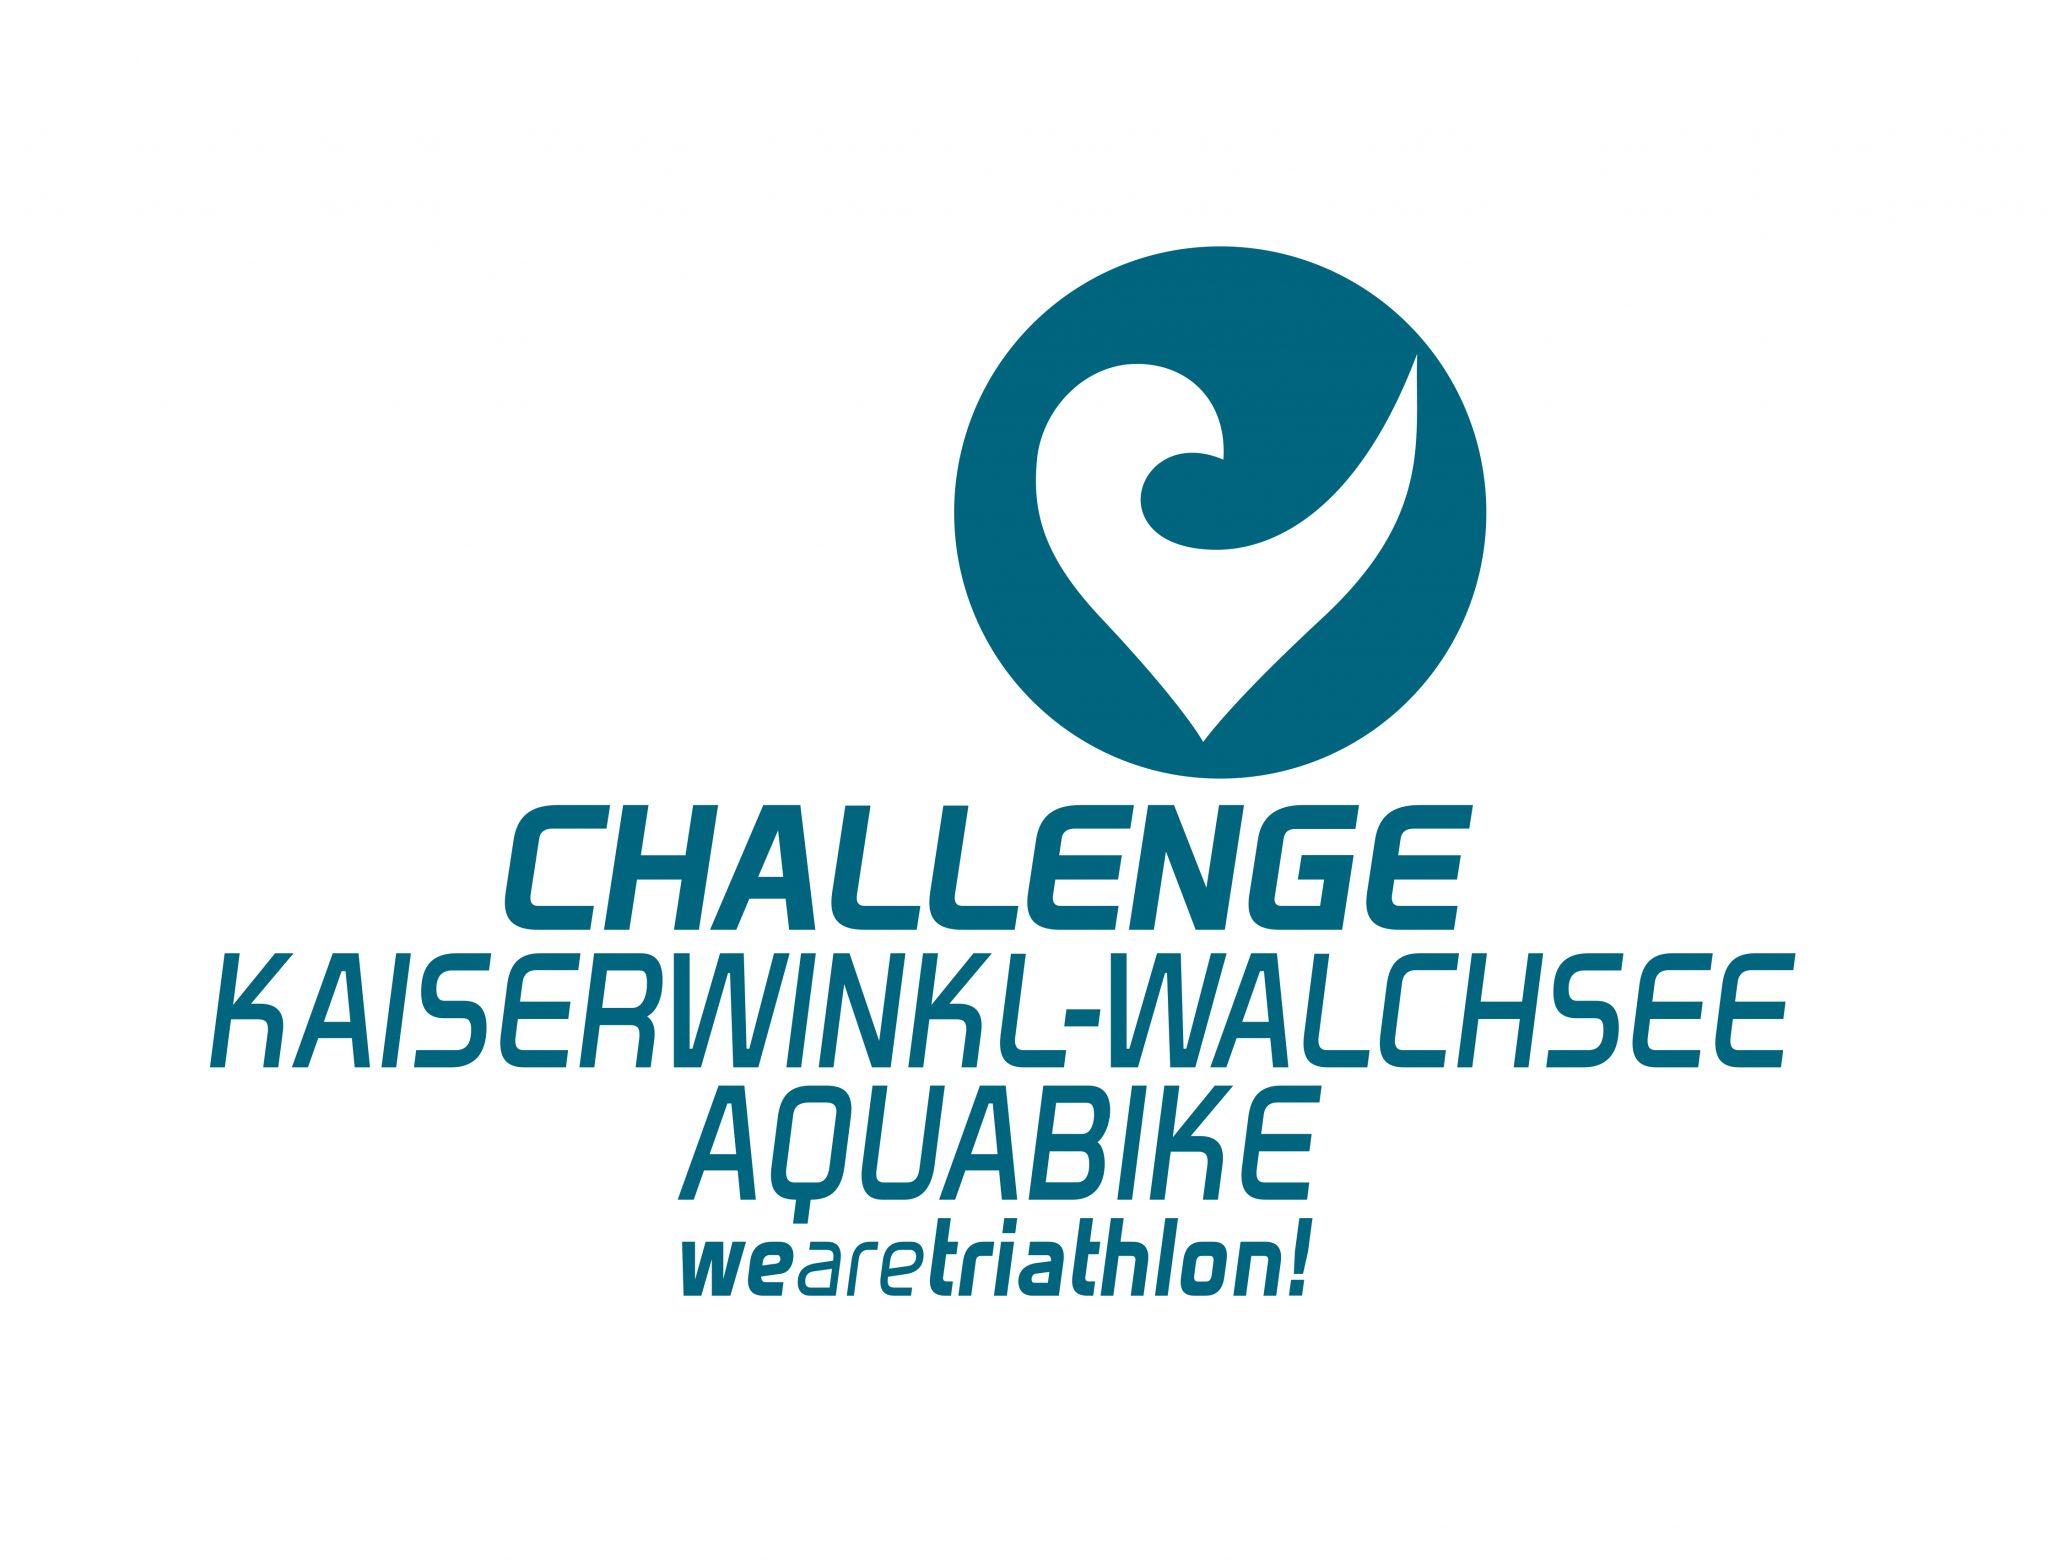 Challenge Aquabike